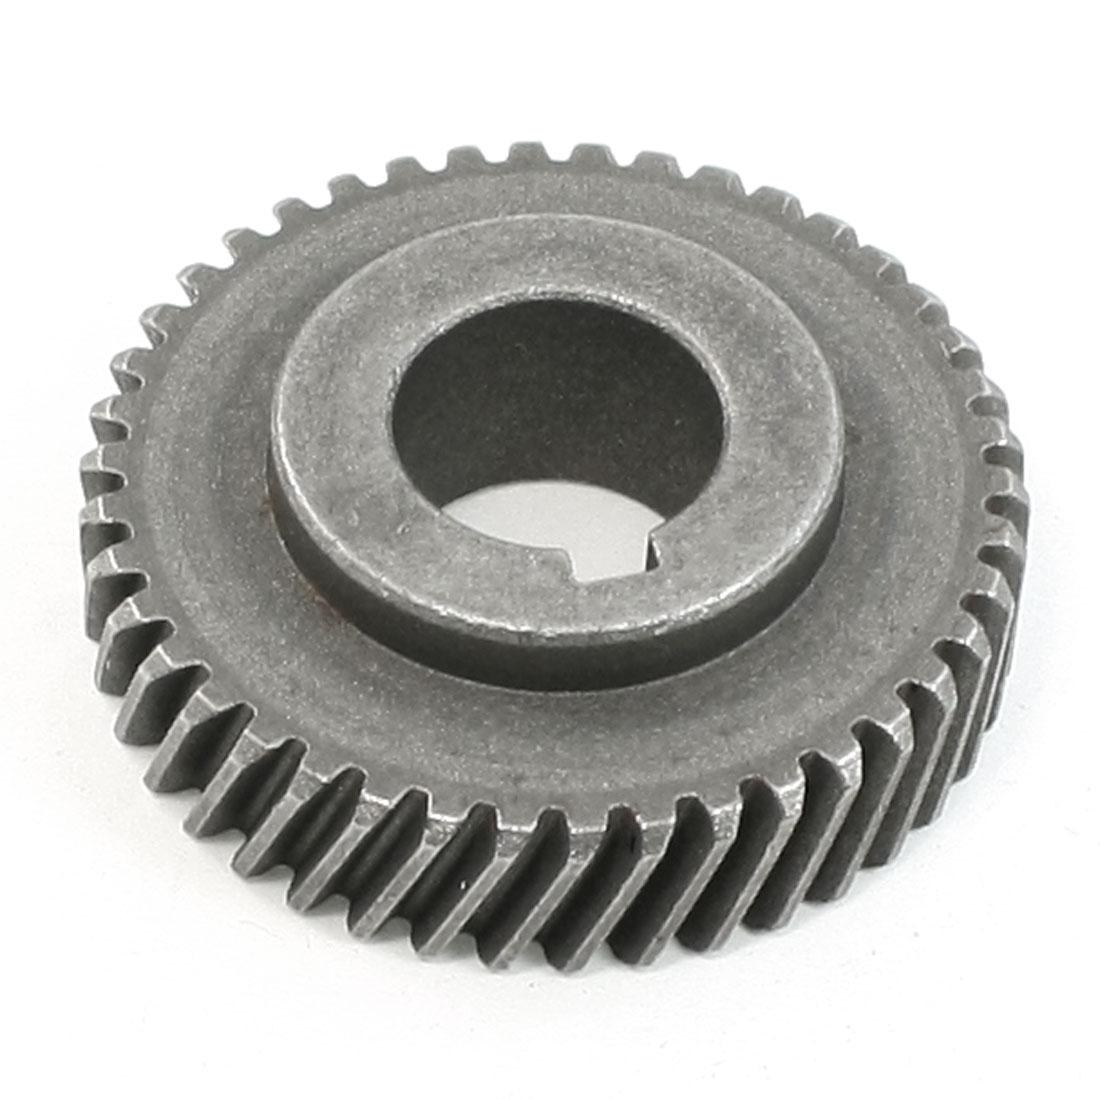 58mm x 20mm Slot Hole 42 Teeth Gear Wheel for LG 355 Cutting Machine